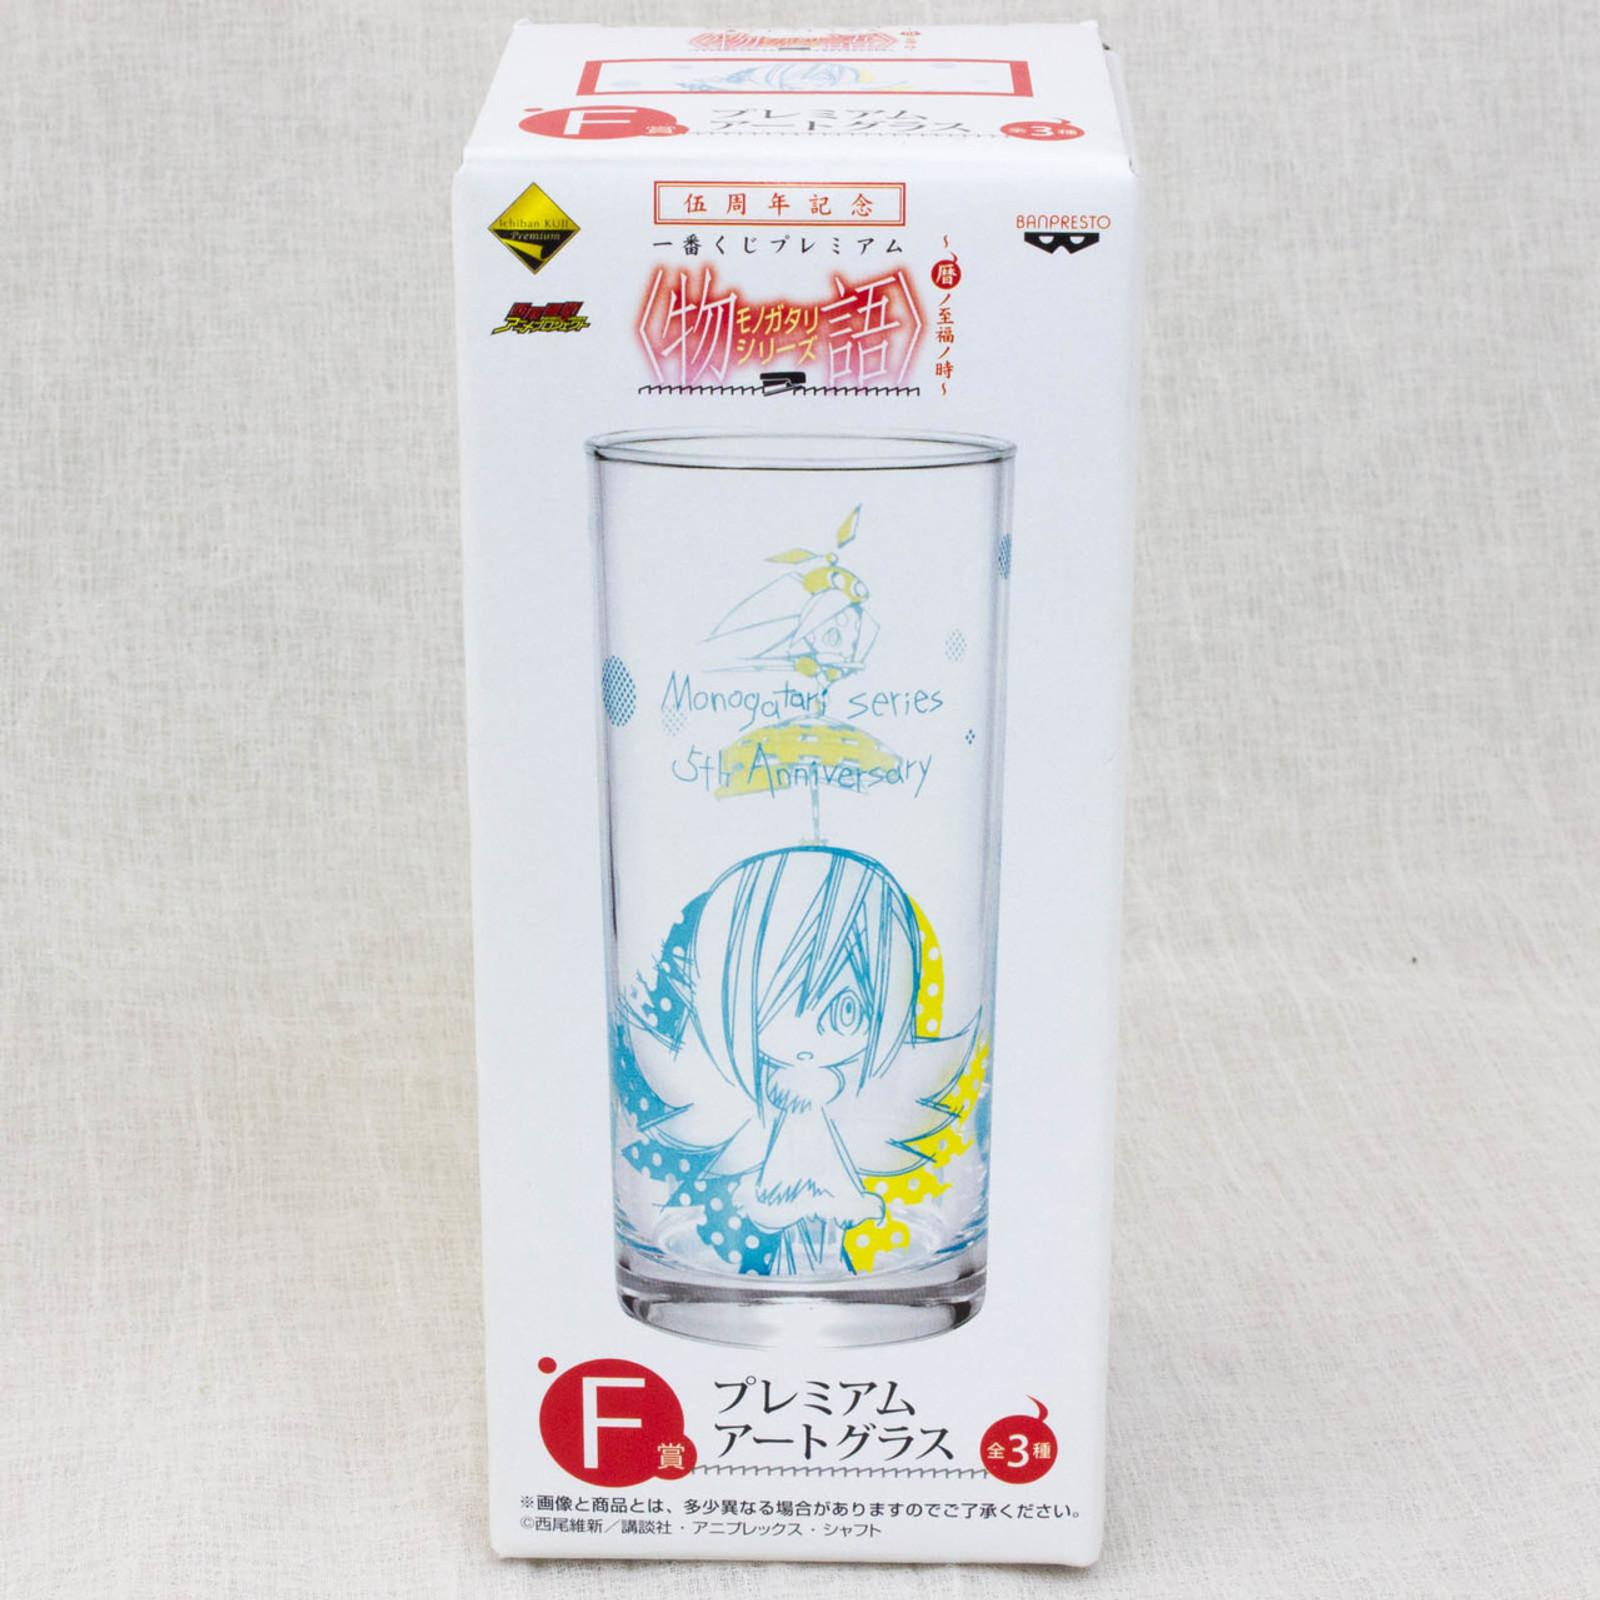 Monogatari Series Premium Art Glass 5th Anniversary 3 [Shinobu Oshino]JAPAN ANIME